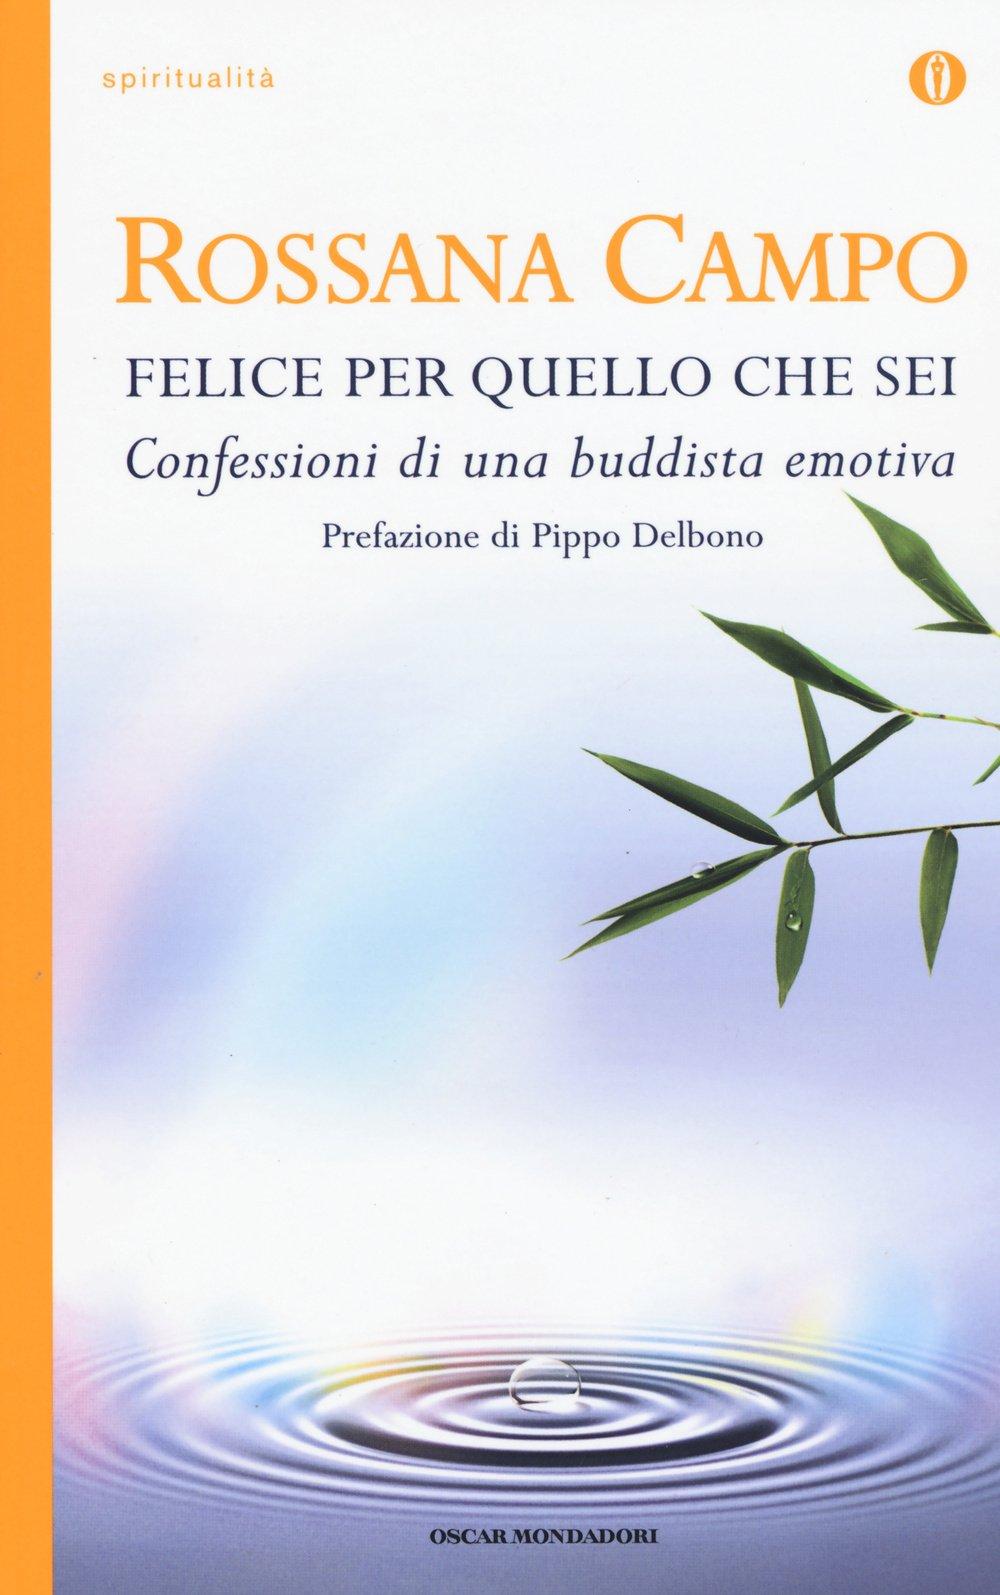 Felice per quello che sei. Confessioni di una buddhista emotiva Copertina flessibile – 27 gen 2015 Rossana Campo Mondadori 8804648236 Autobiografie generali